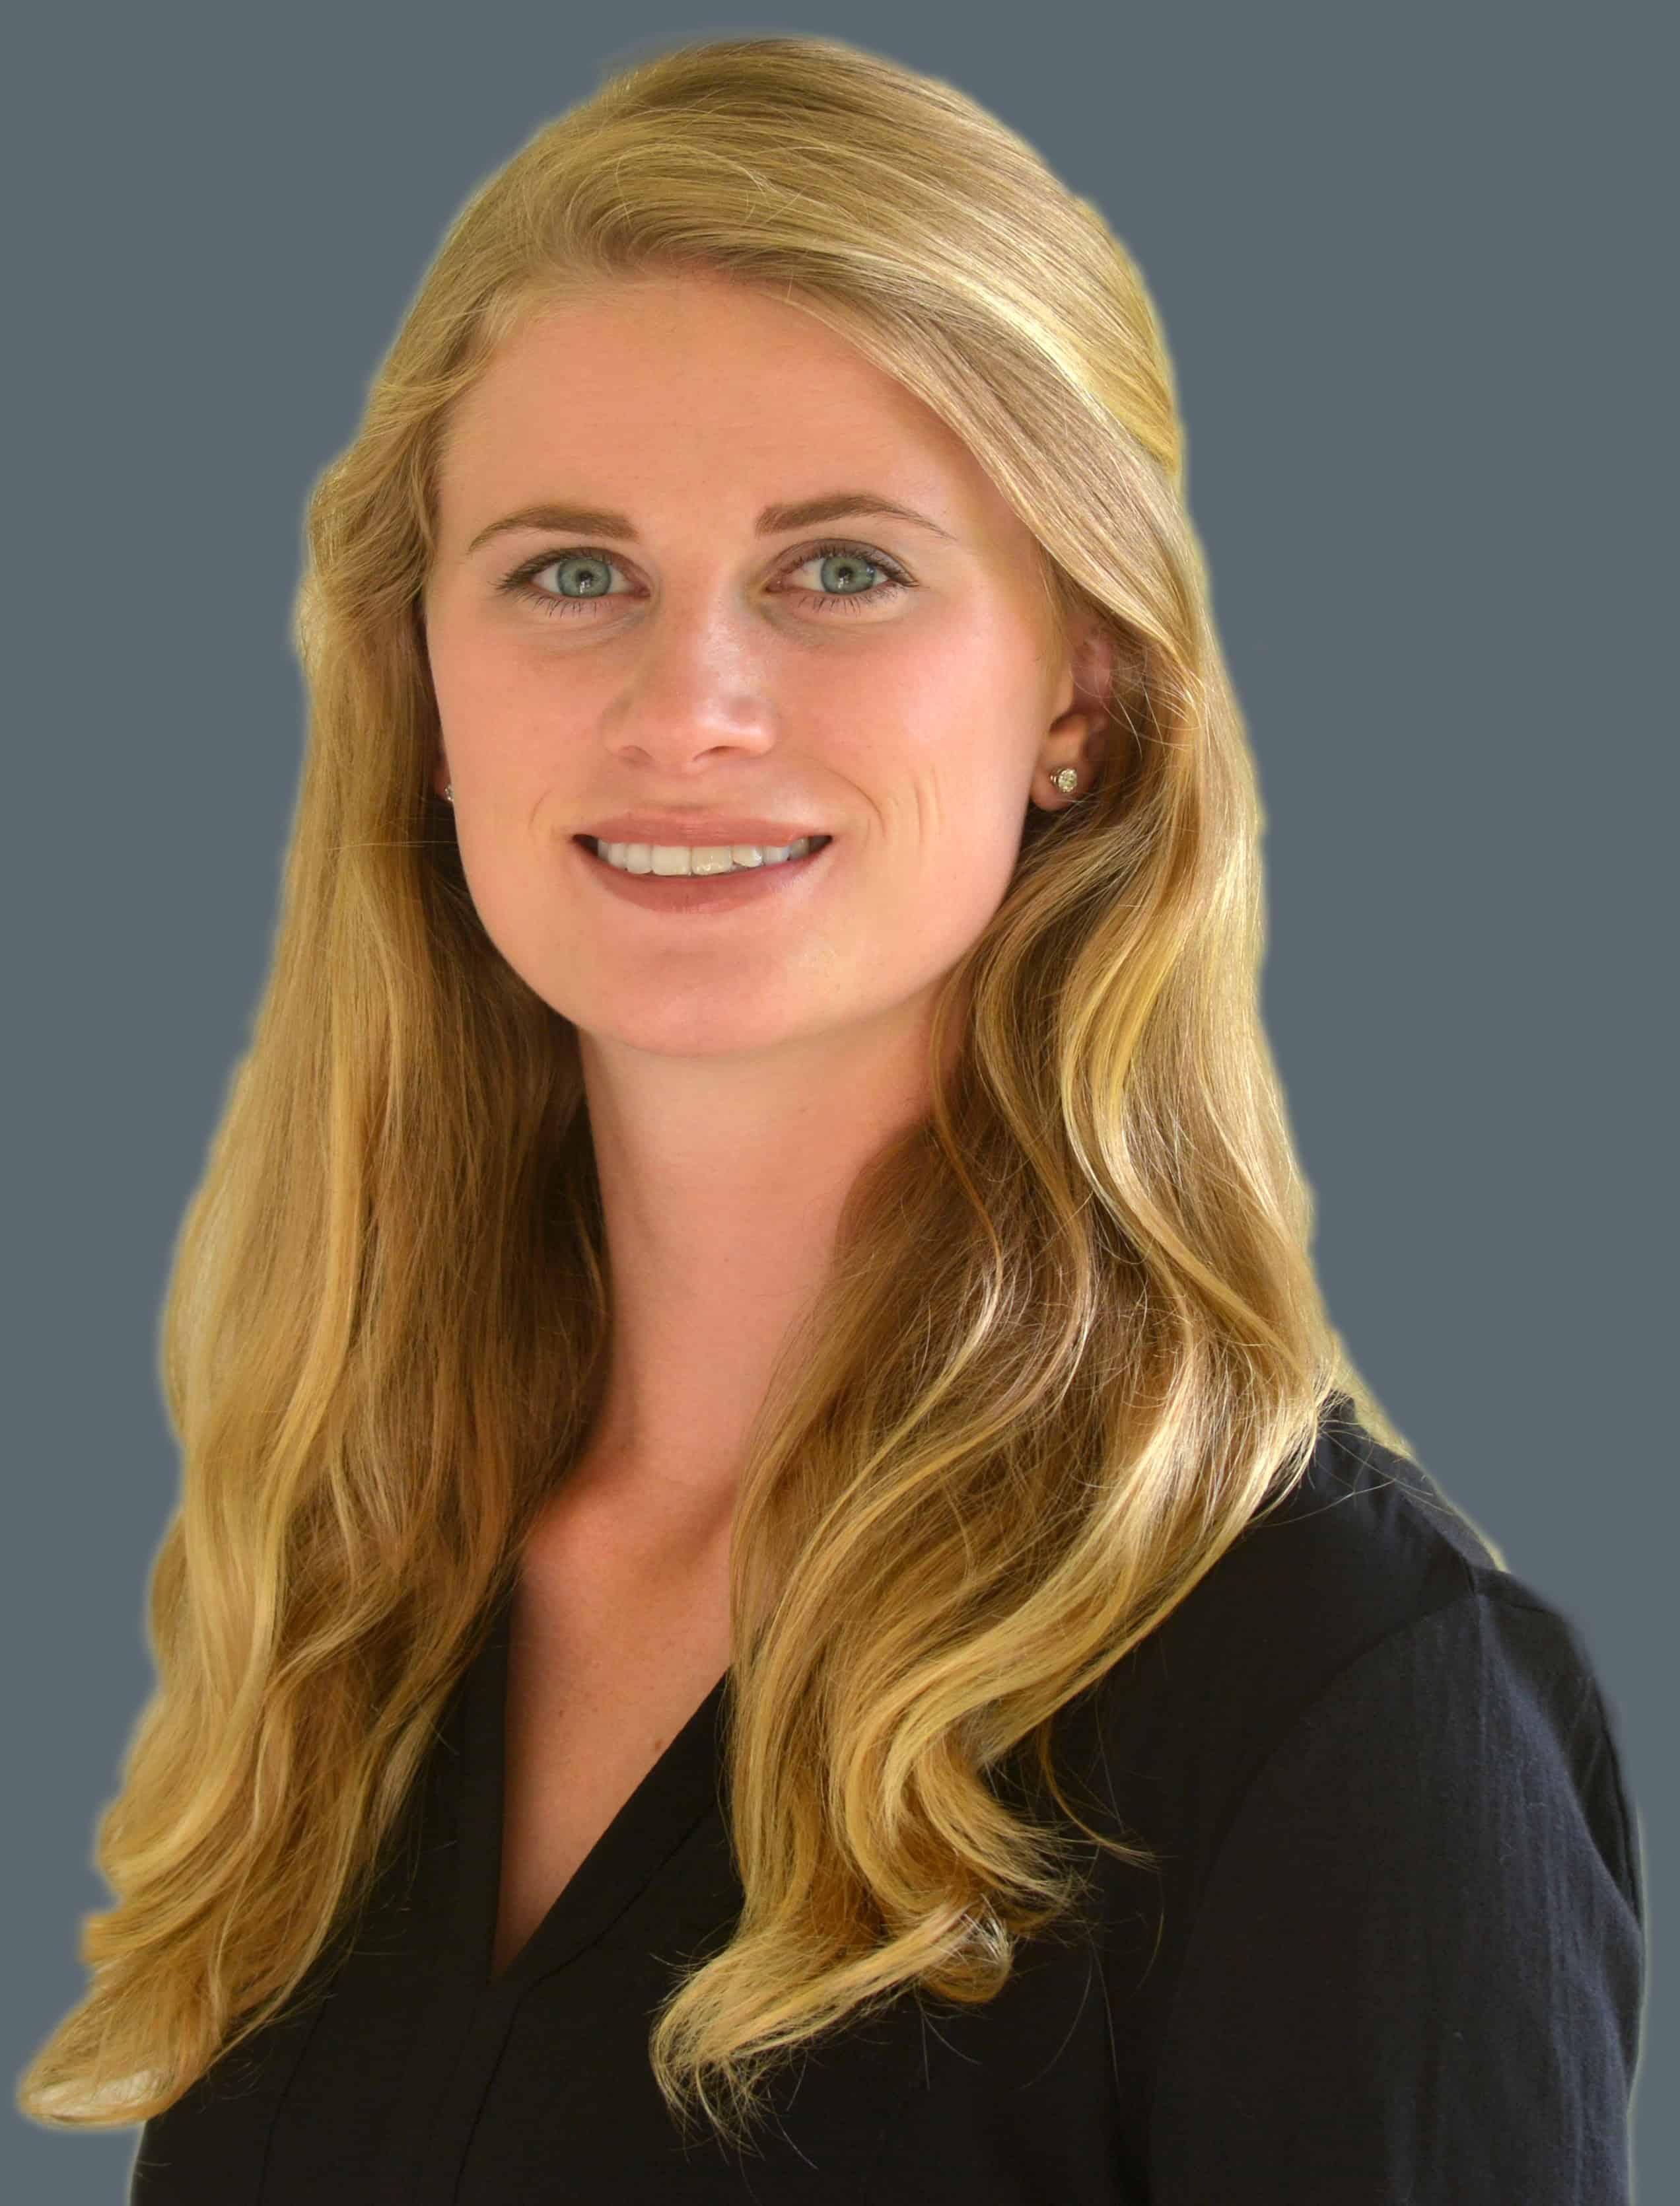 Lauren Milner